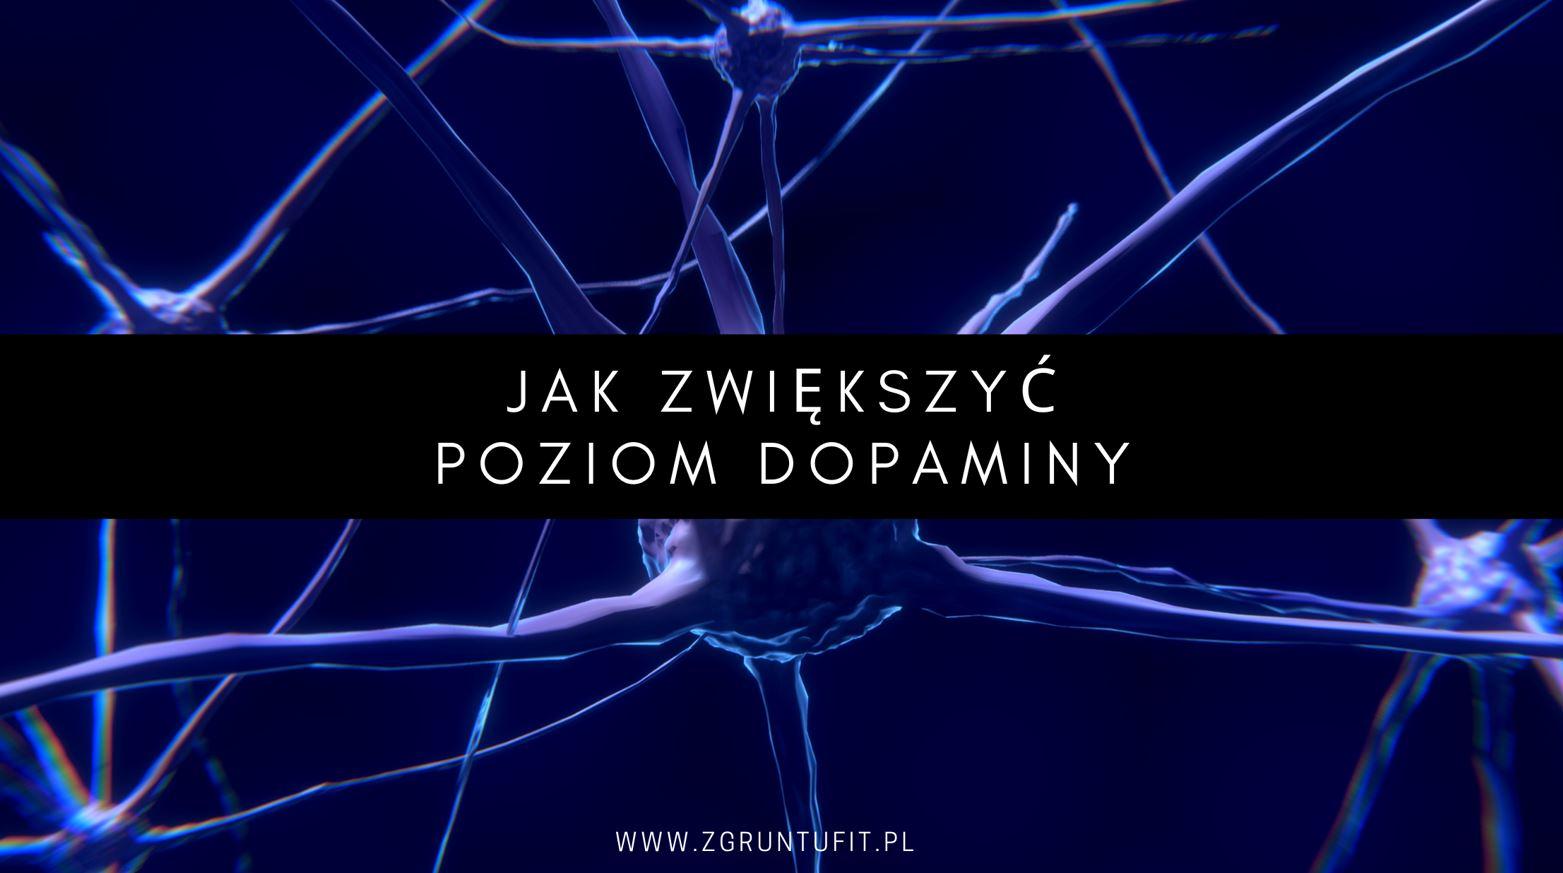 10 Sposób Na to Jak Zwiększyć Poziom Dopaminy